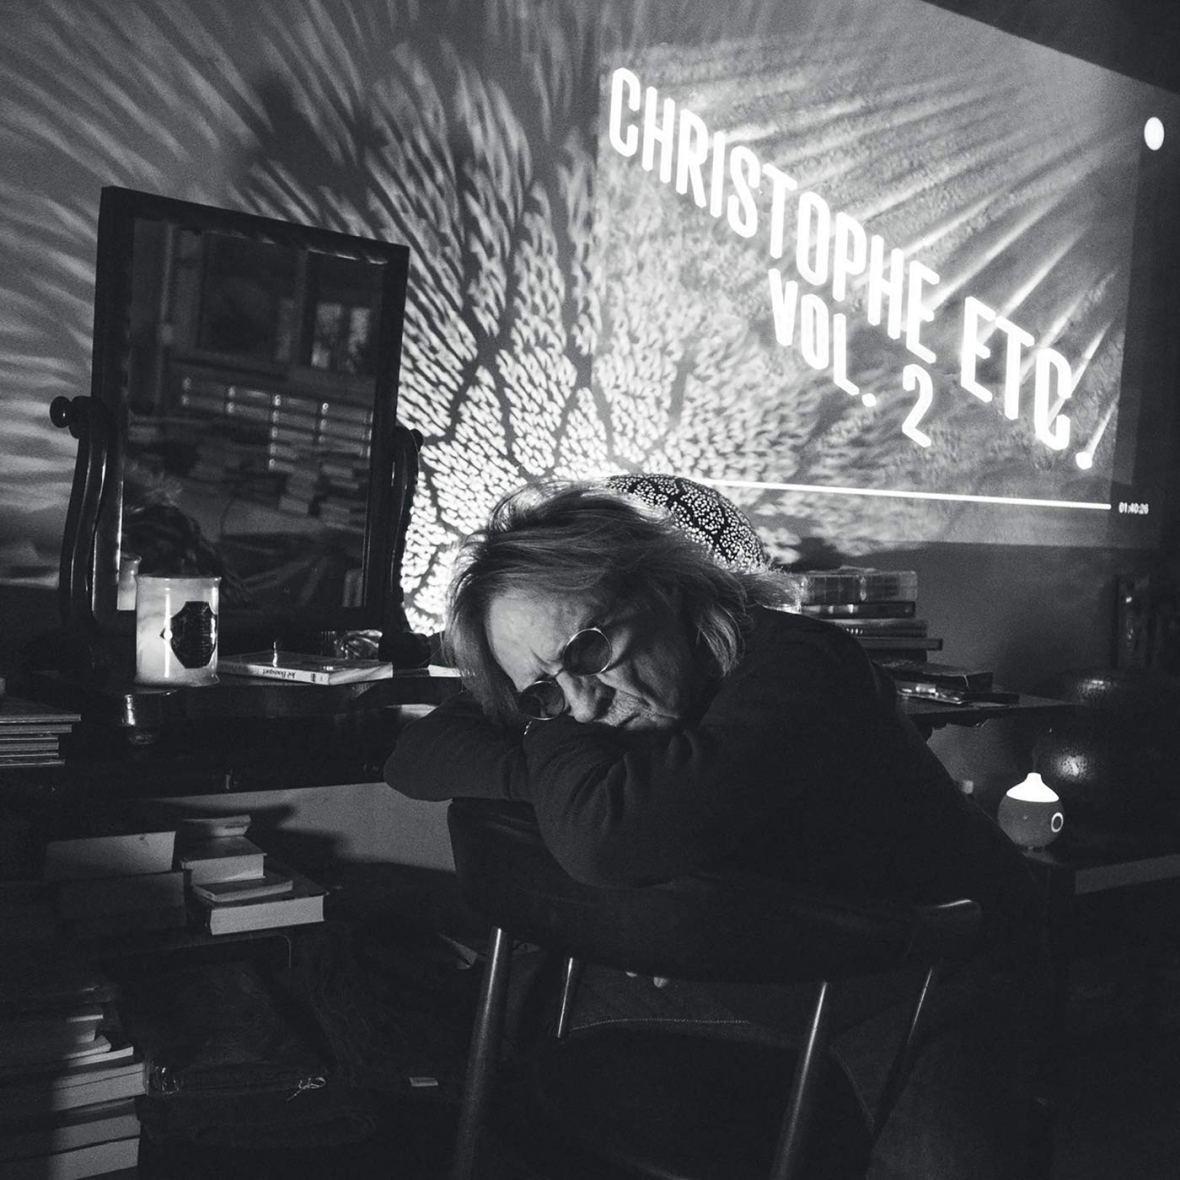 Christophe - Etc Vol 2 - En Boucle